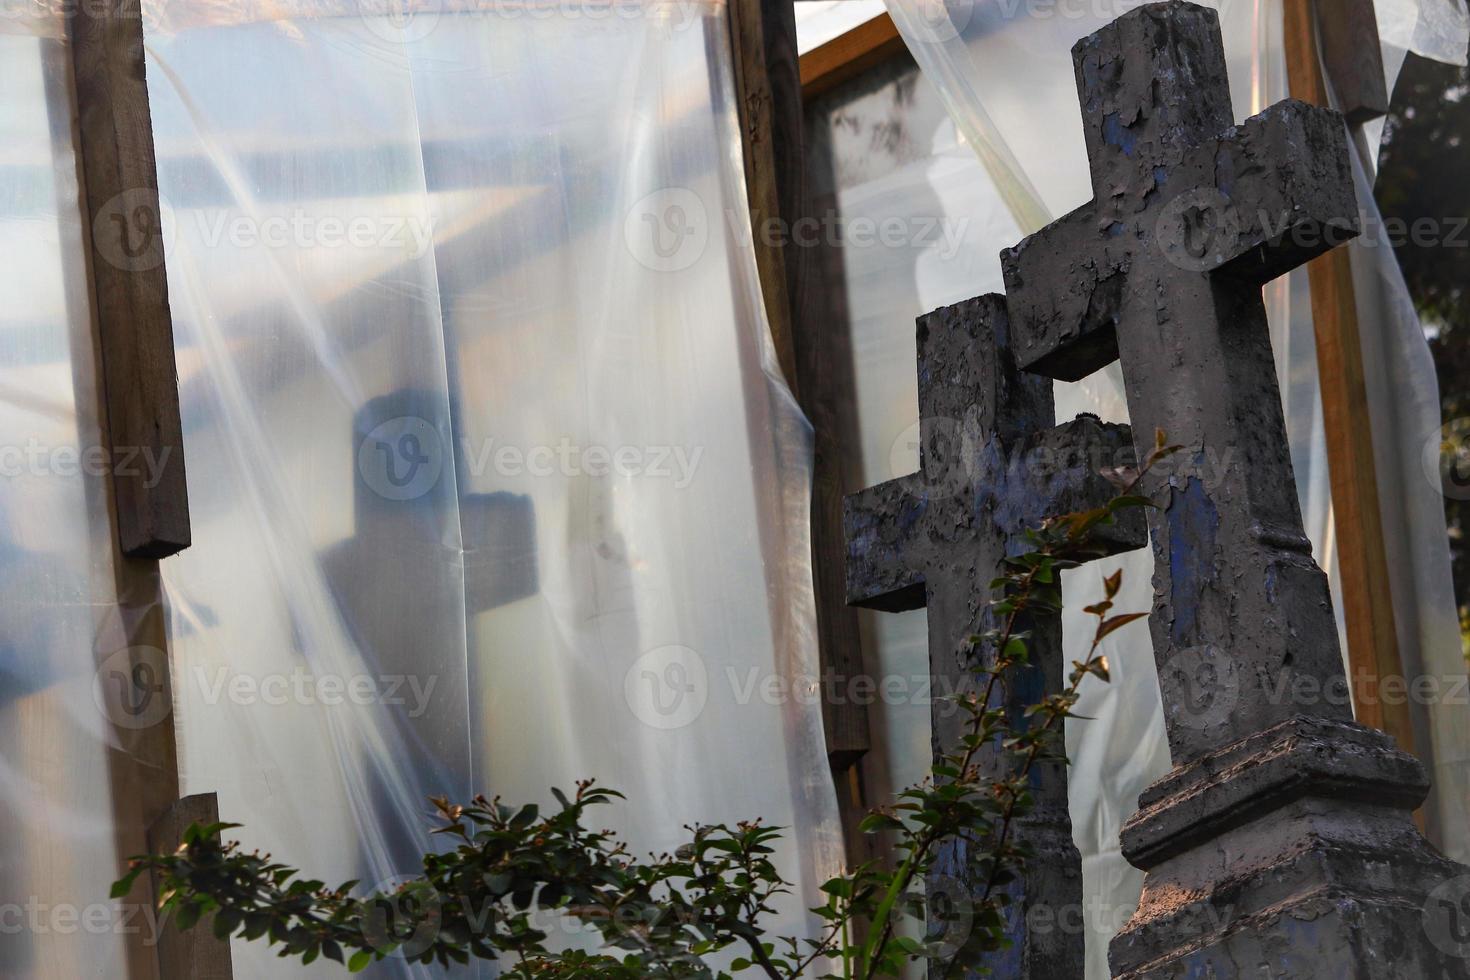 Antiguo cementerio en reconstrucción con una cruz azul detrás de un arbusto y cubierto con una envoltura de plástico en los partidarios de madera foto